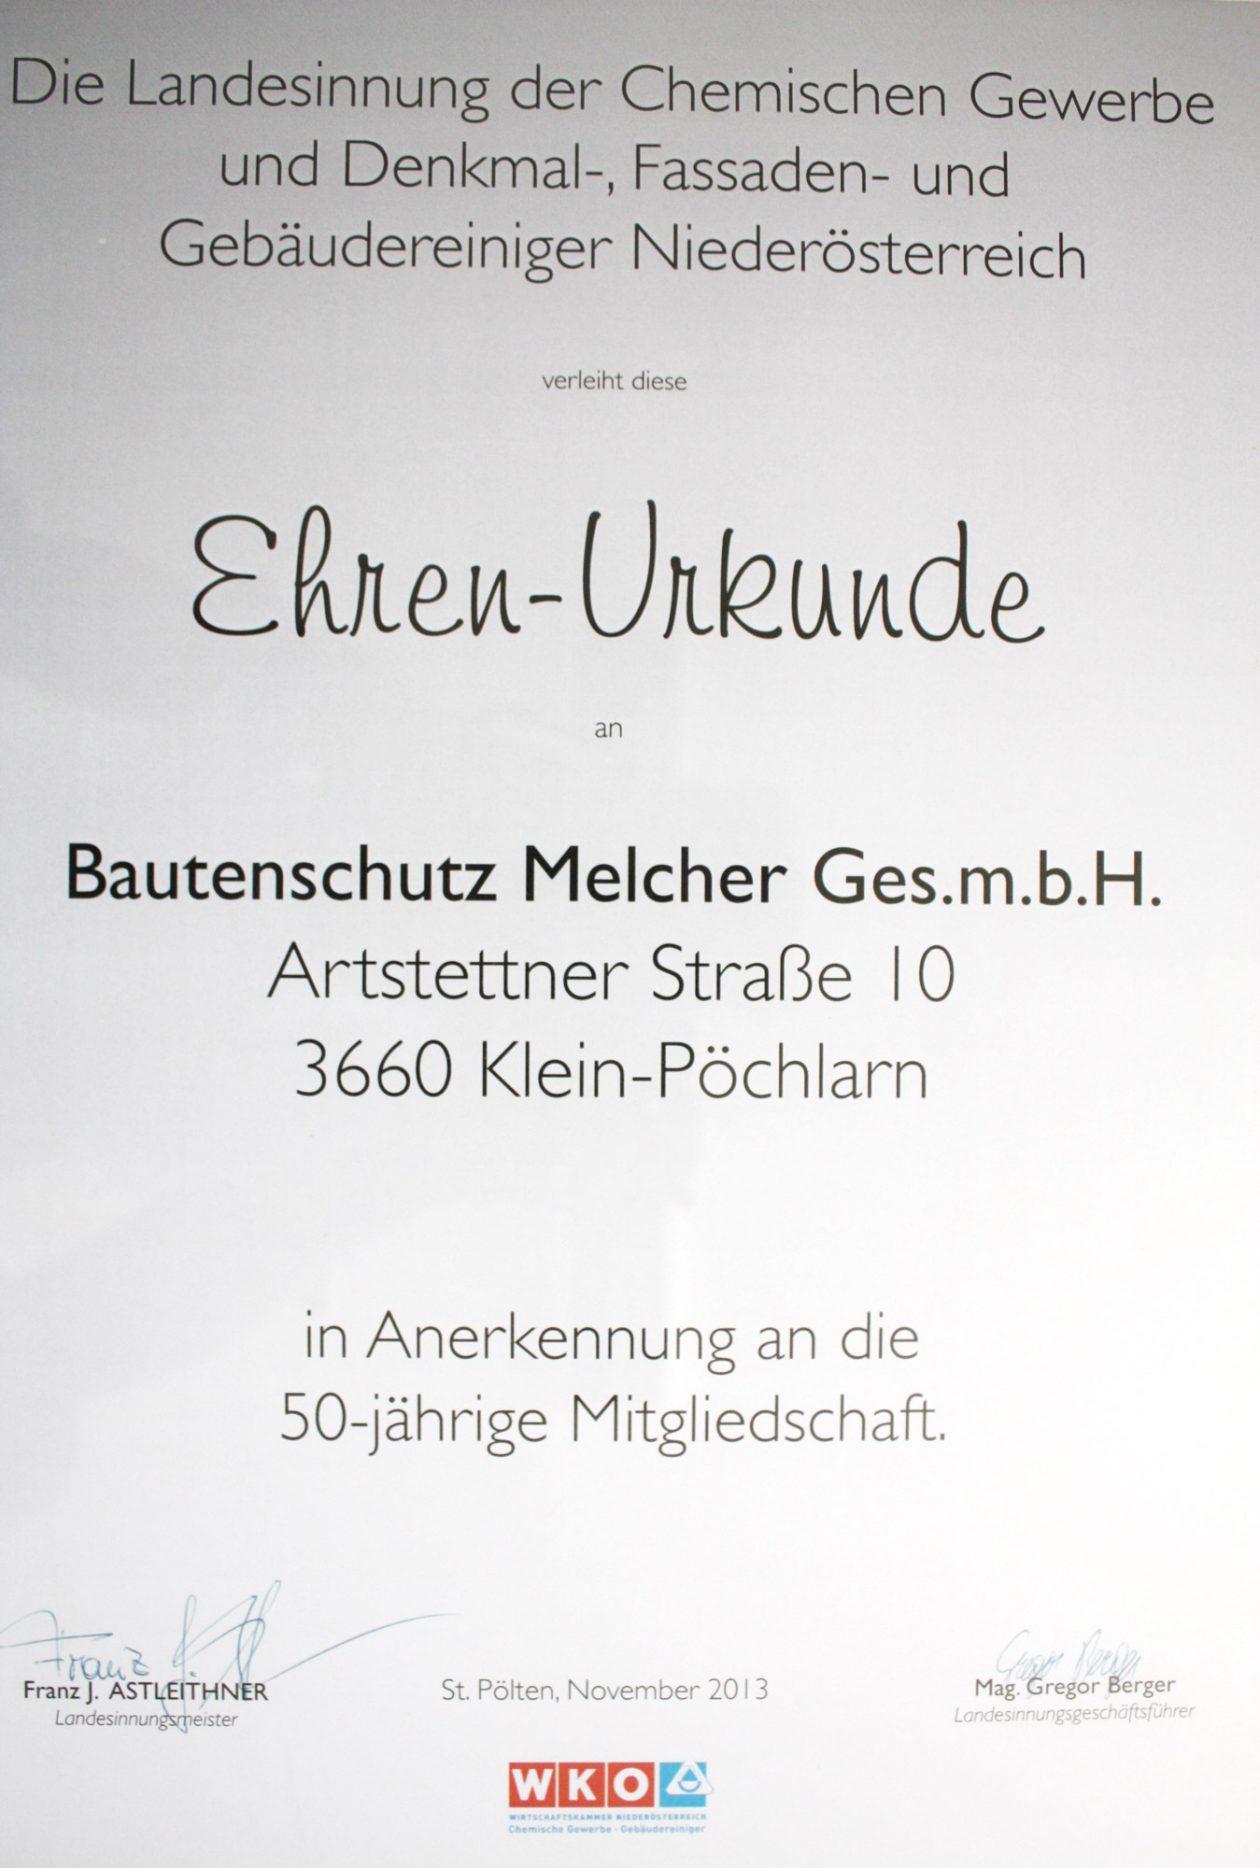 Die Ehrenurkunde für das 50-jährige bestehen der Firma Bautenschutz Melcher. Überreicht durch die österreichische Wirtschaftskammer im November 2013